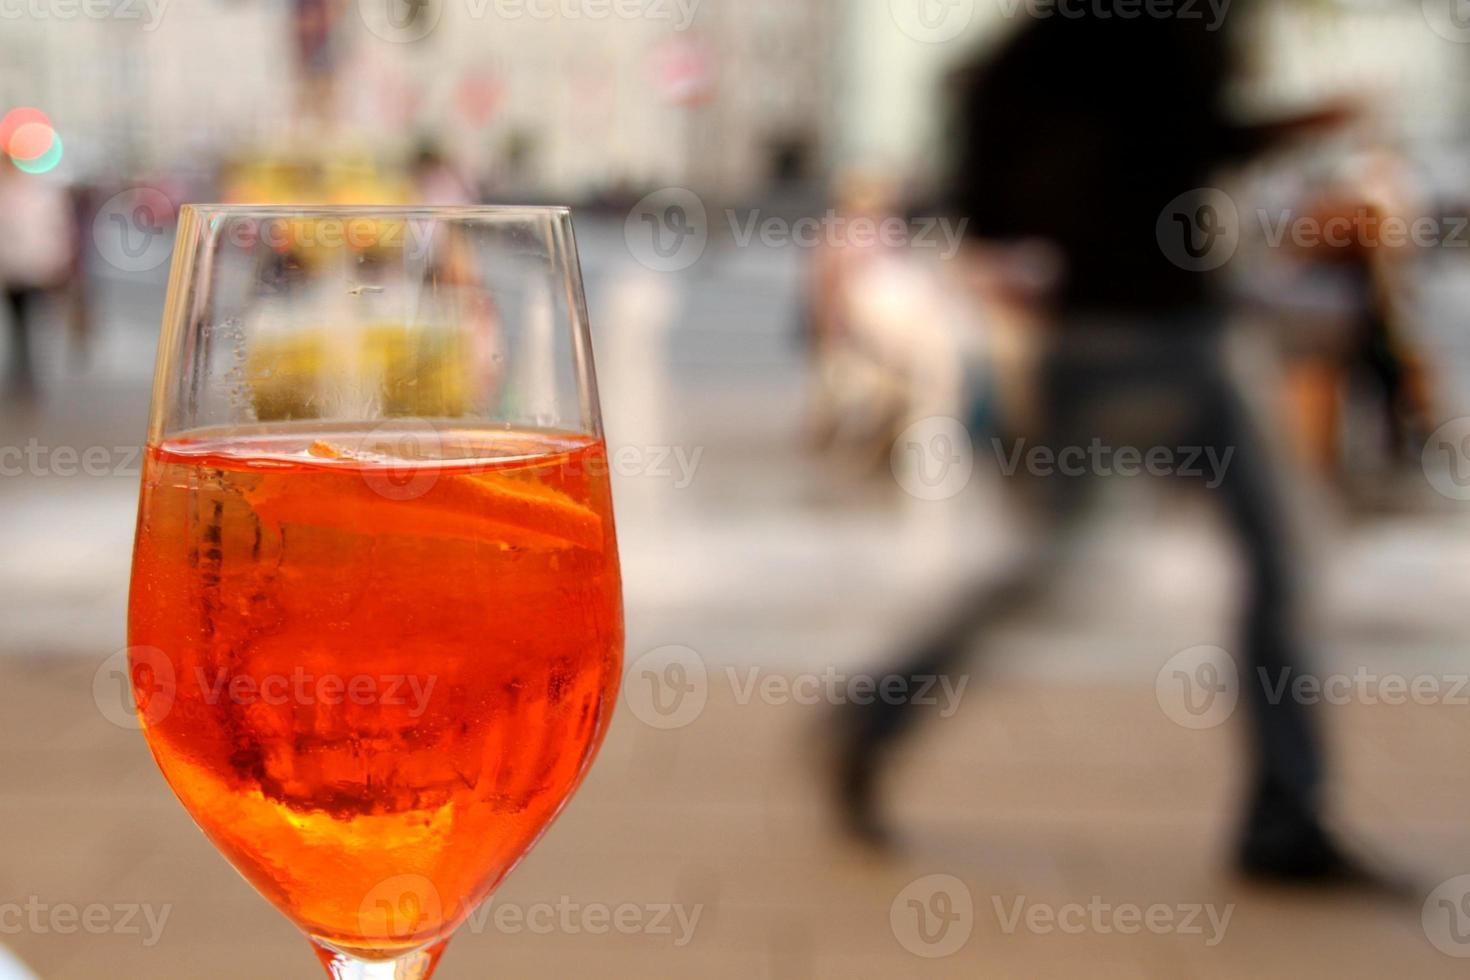 bere un drink foto